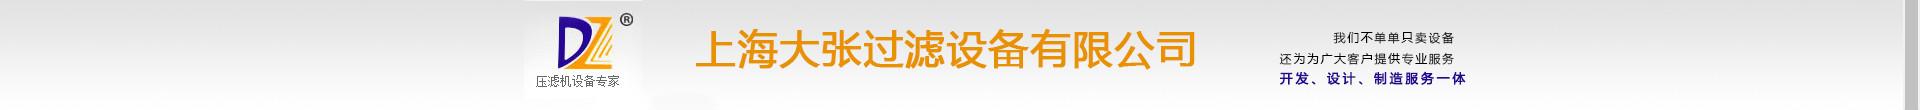 上海大張過濾設備有限公司